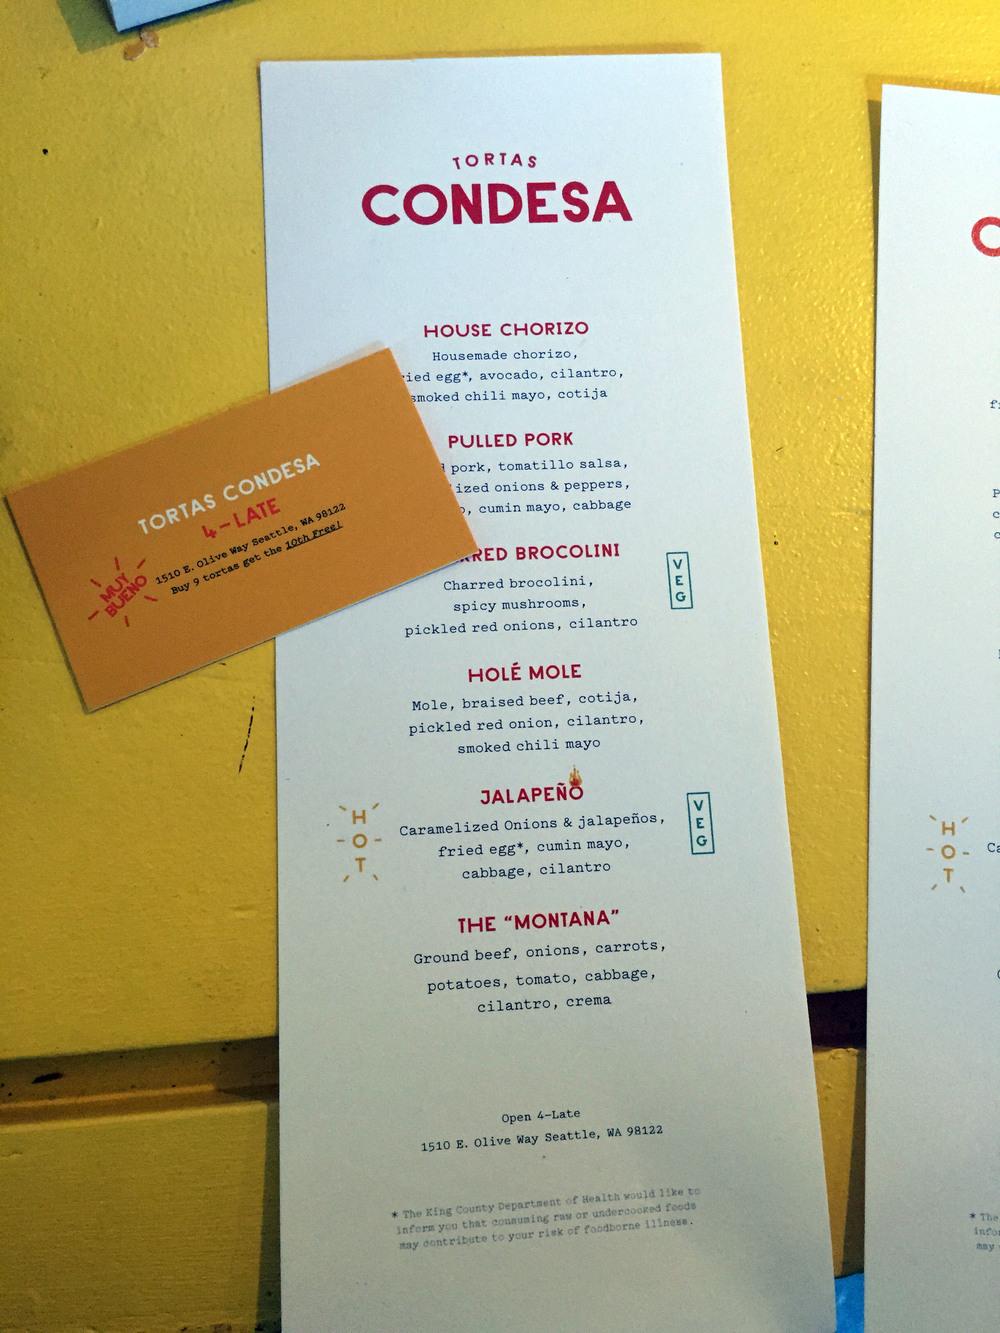 Tortas Condesa menu